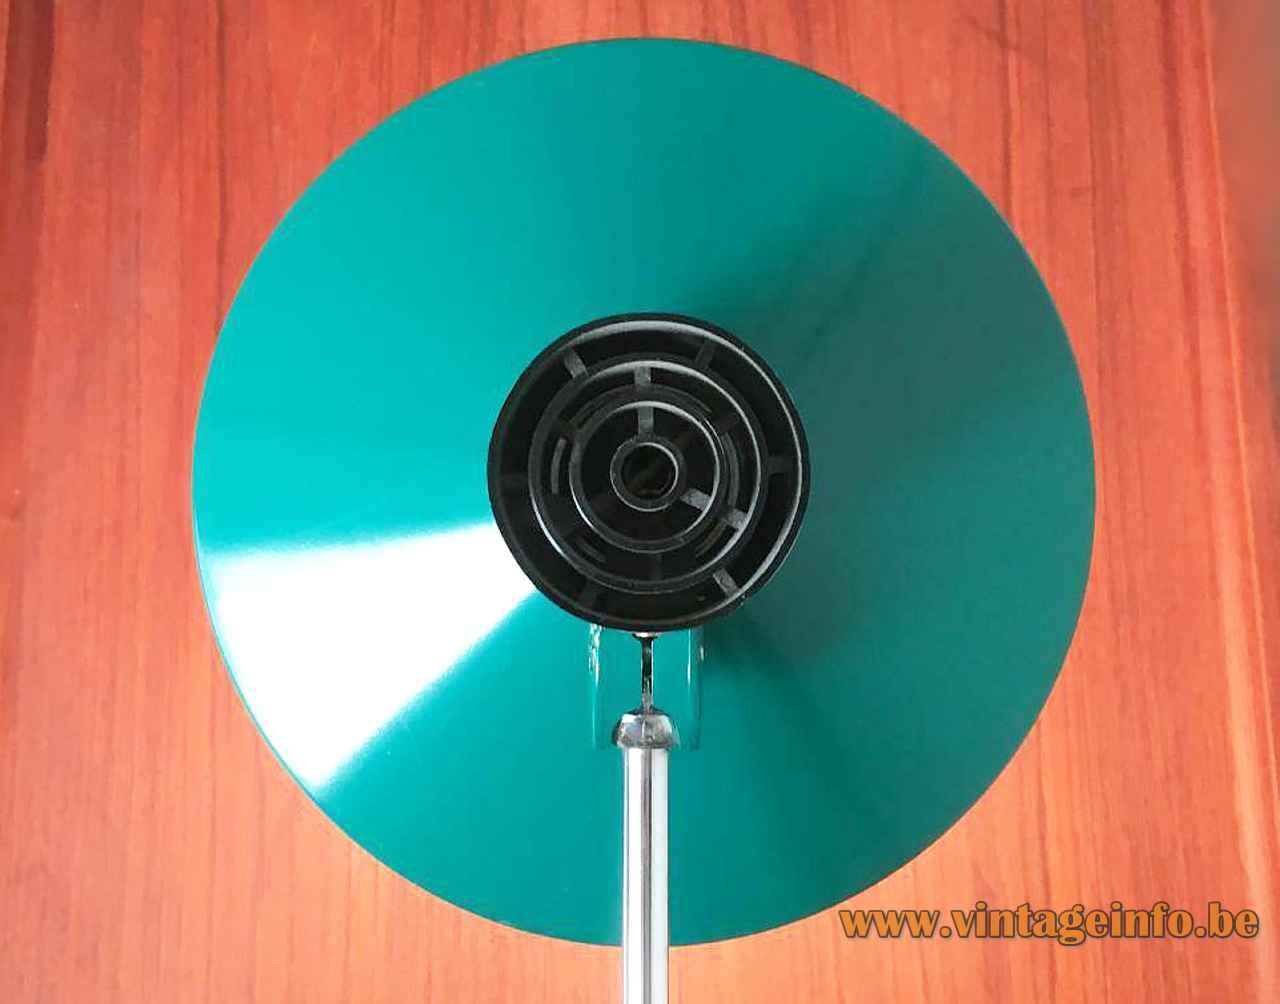 Kaiser Leuchten desk lamp 6857 round green lampshade black plastic grid chrome rod 1960s 1970s Germany